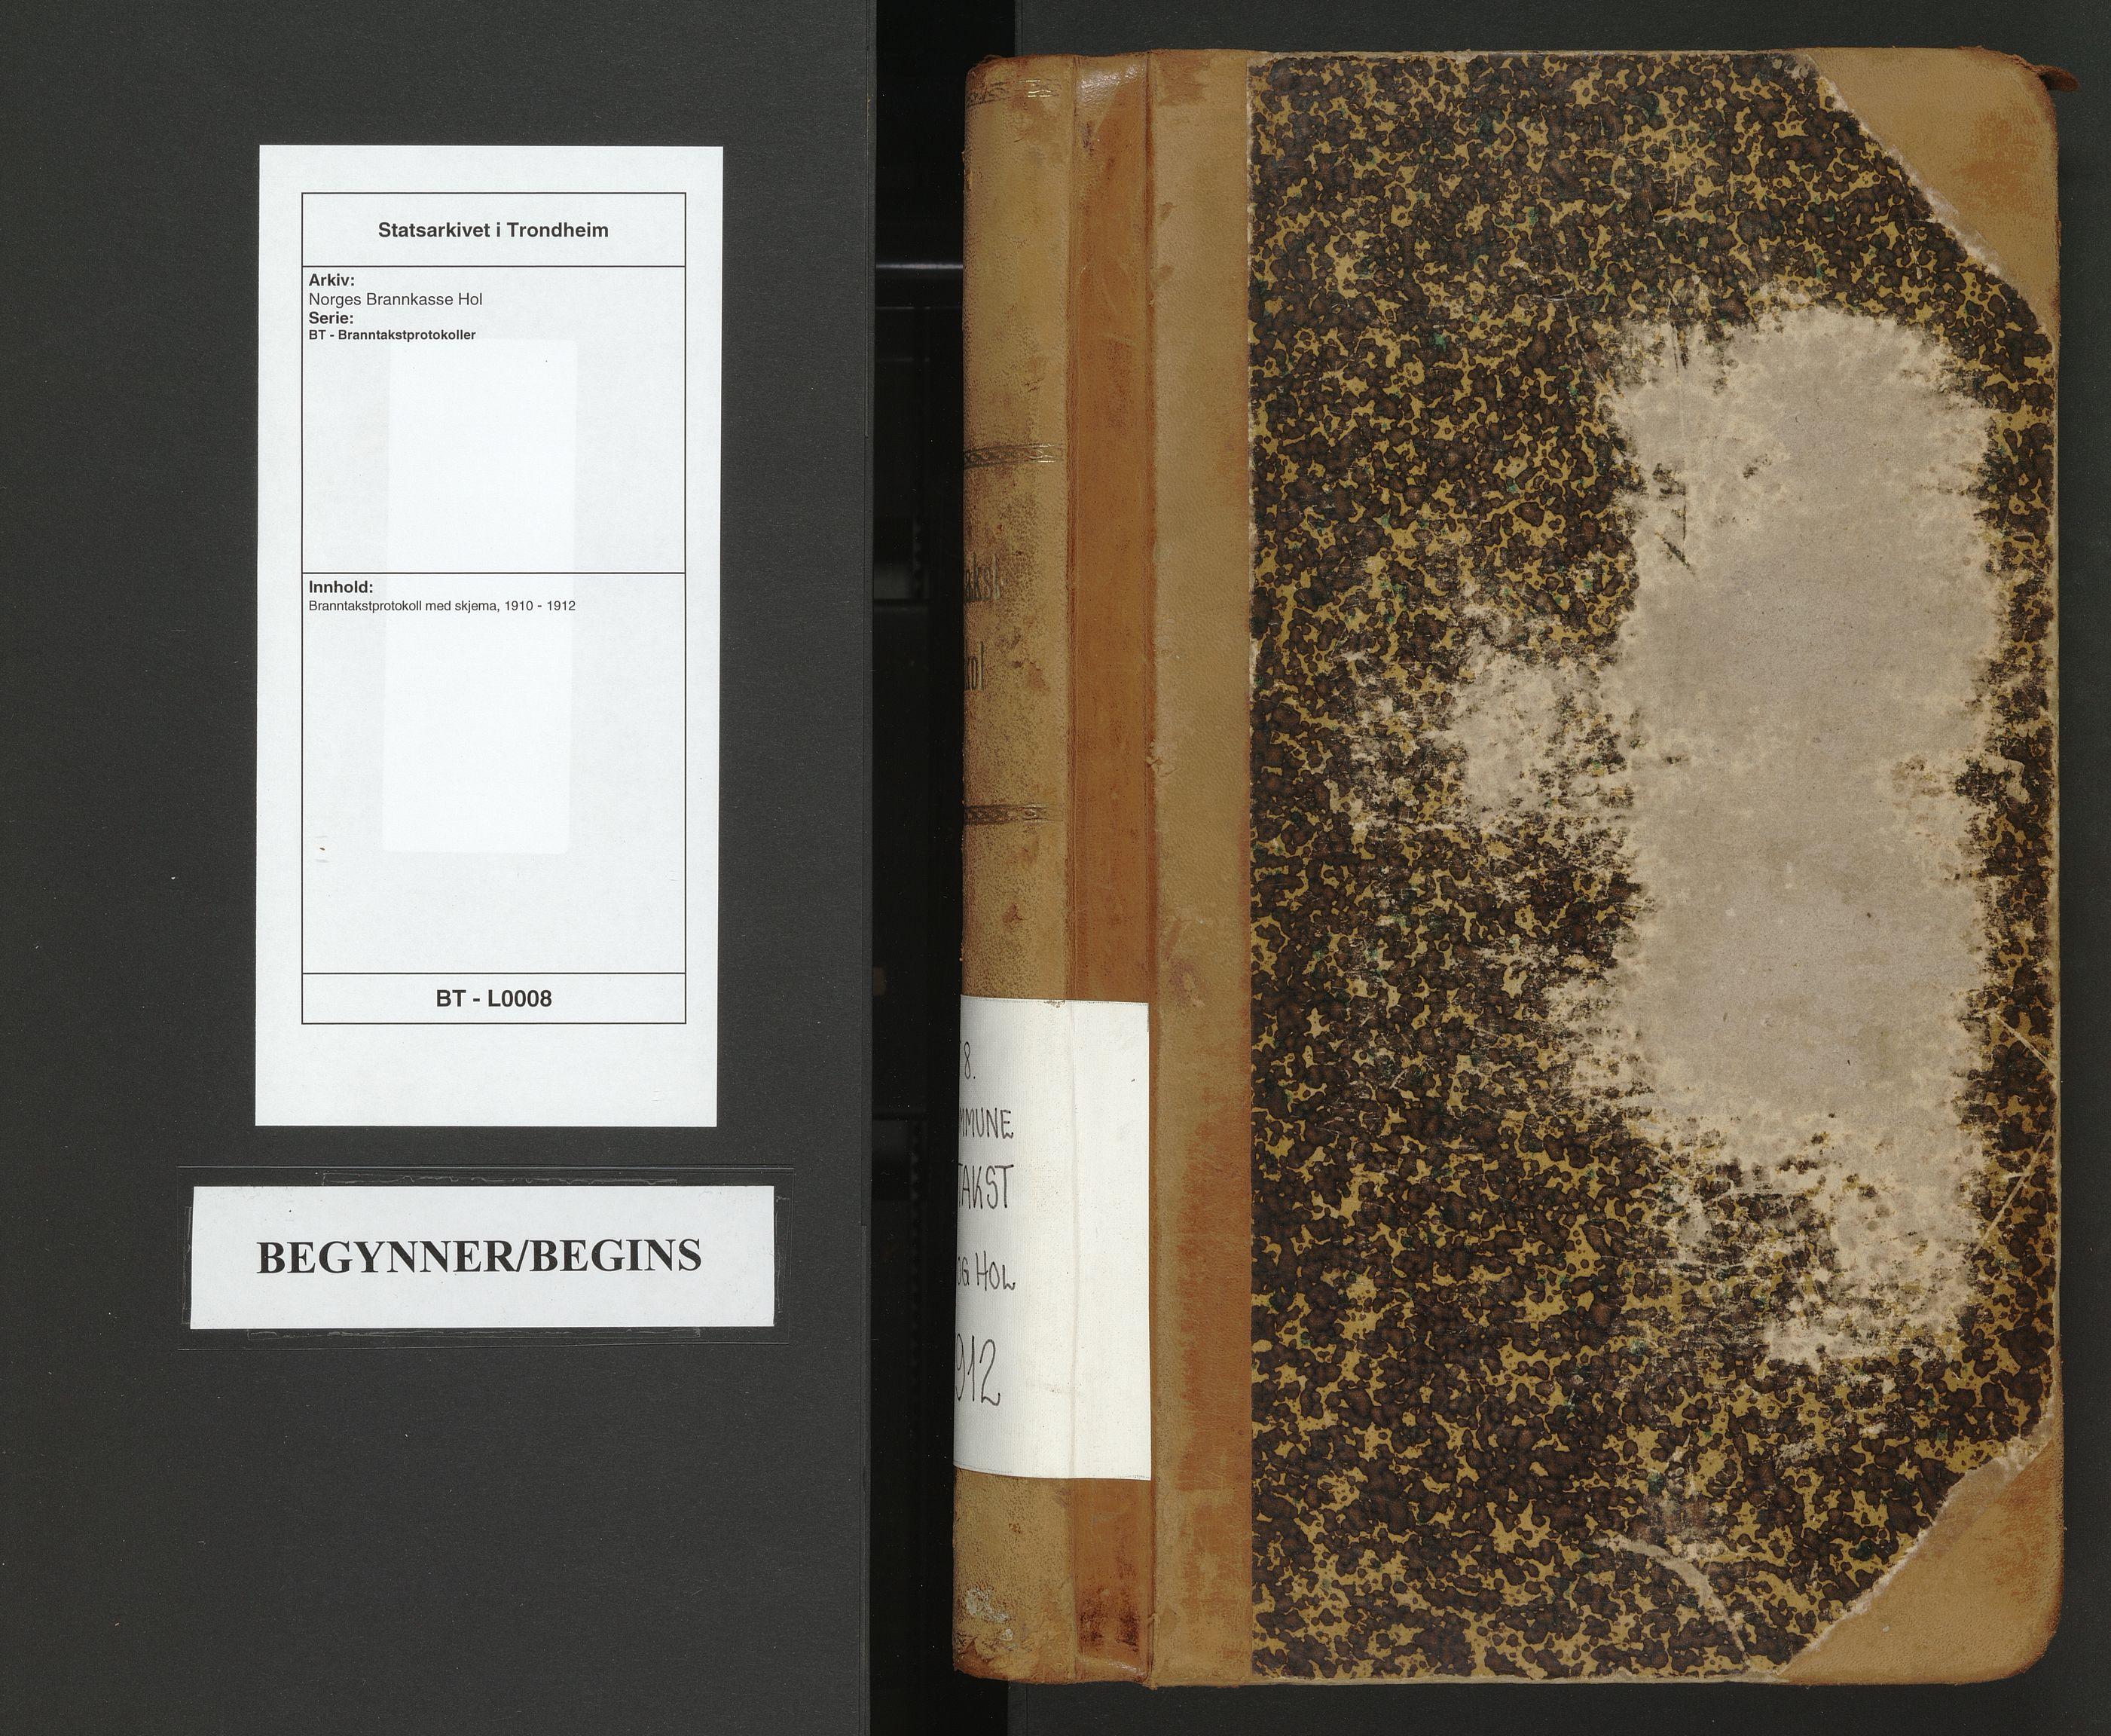 SAT, Norges Brannkasse Hol, BT/L0008: Branntakstprotokoll med skjema, 1910-1912